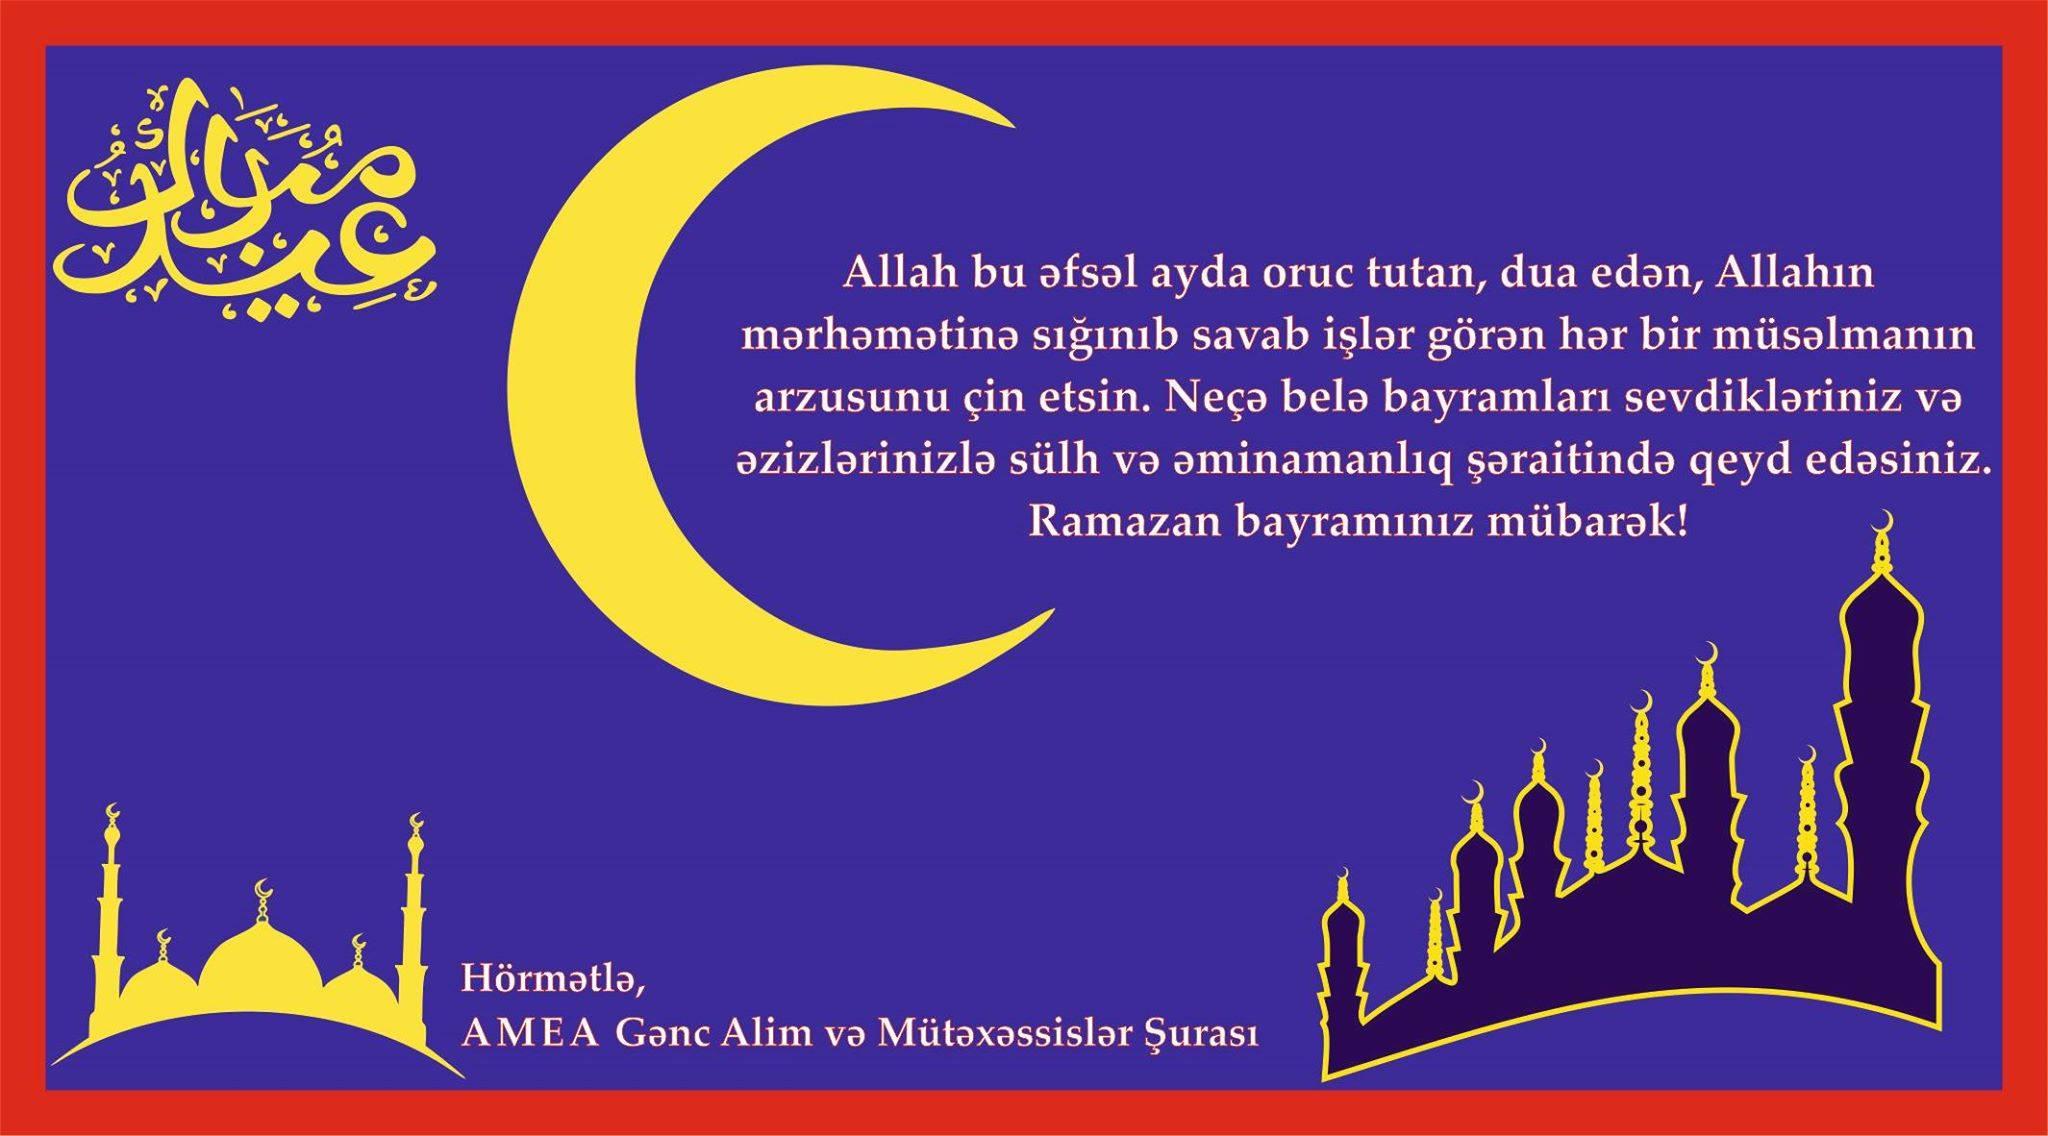 Ramazan bayramı ilə əlaqədar 5 gün iş olmayacaq